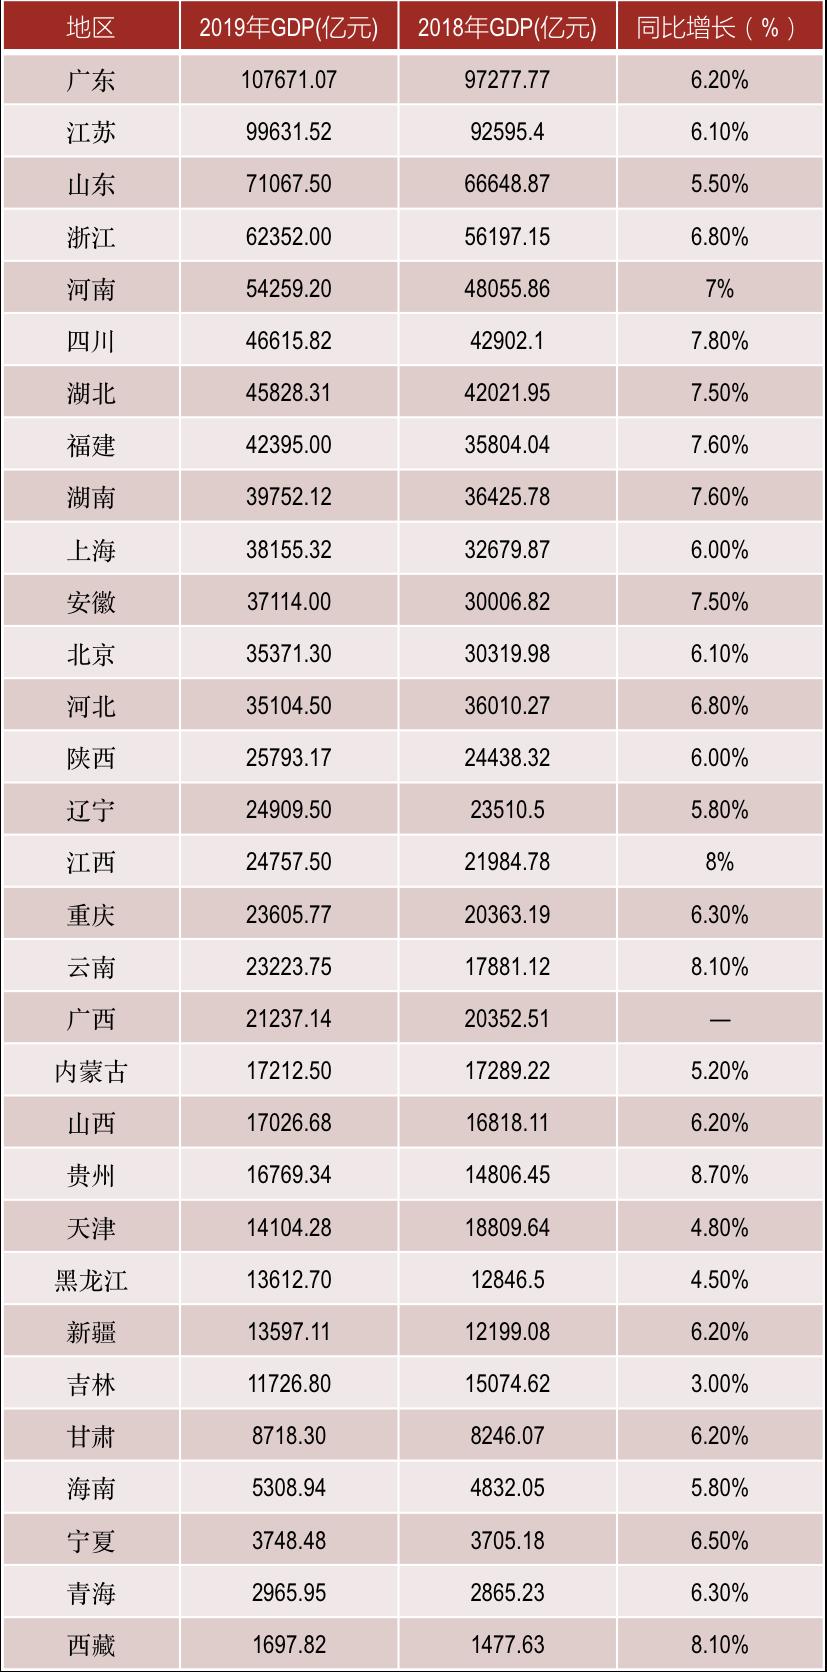 四川2019年gdp排名多少_陕西西安与四川成都的2019年GDP出炉,两大城市成绩如何(3)